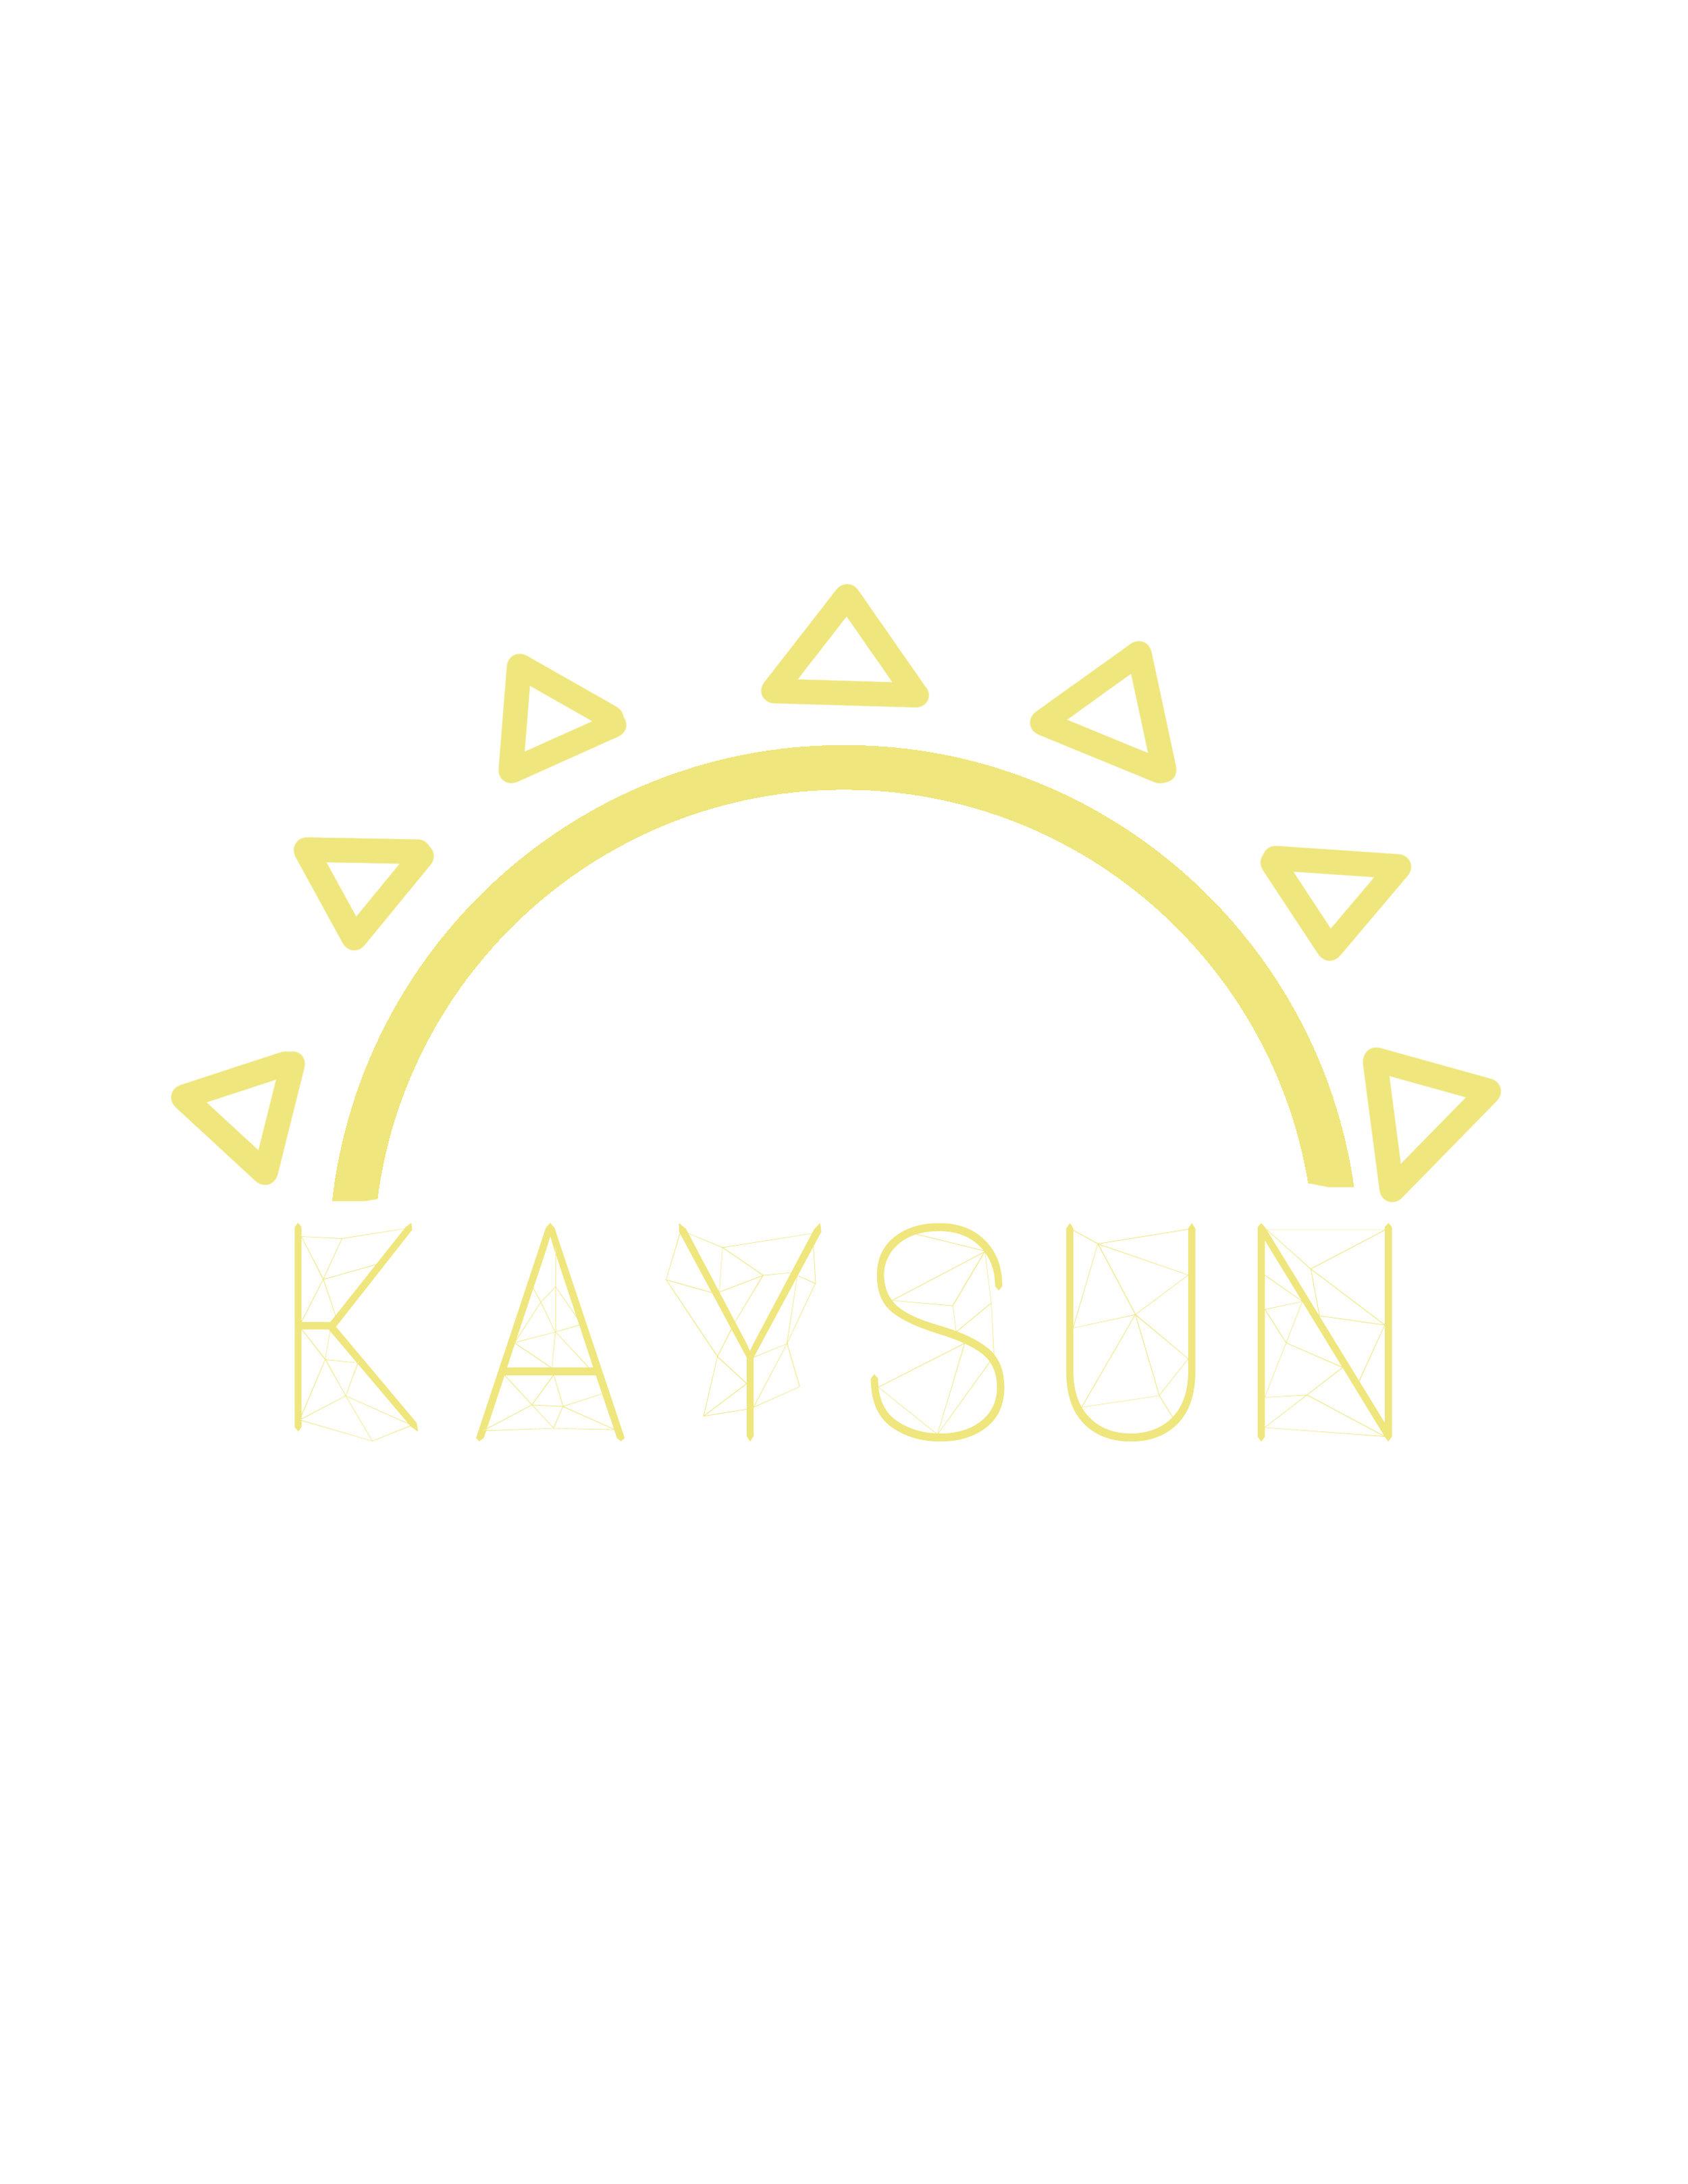 kaysun logo.jpg